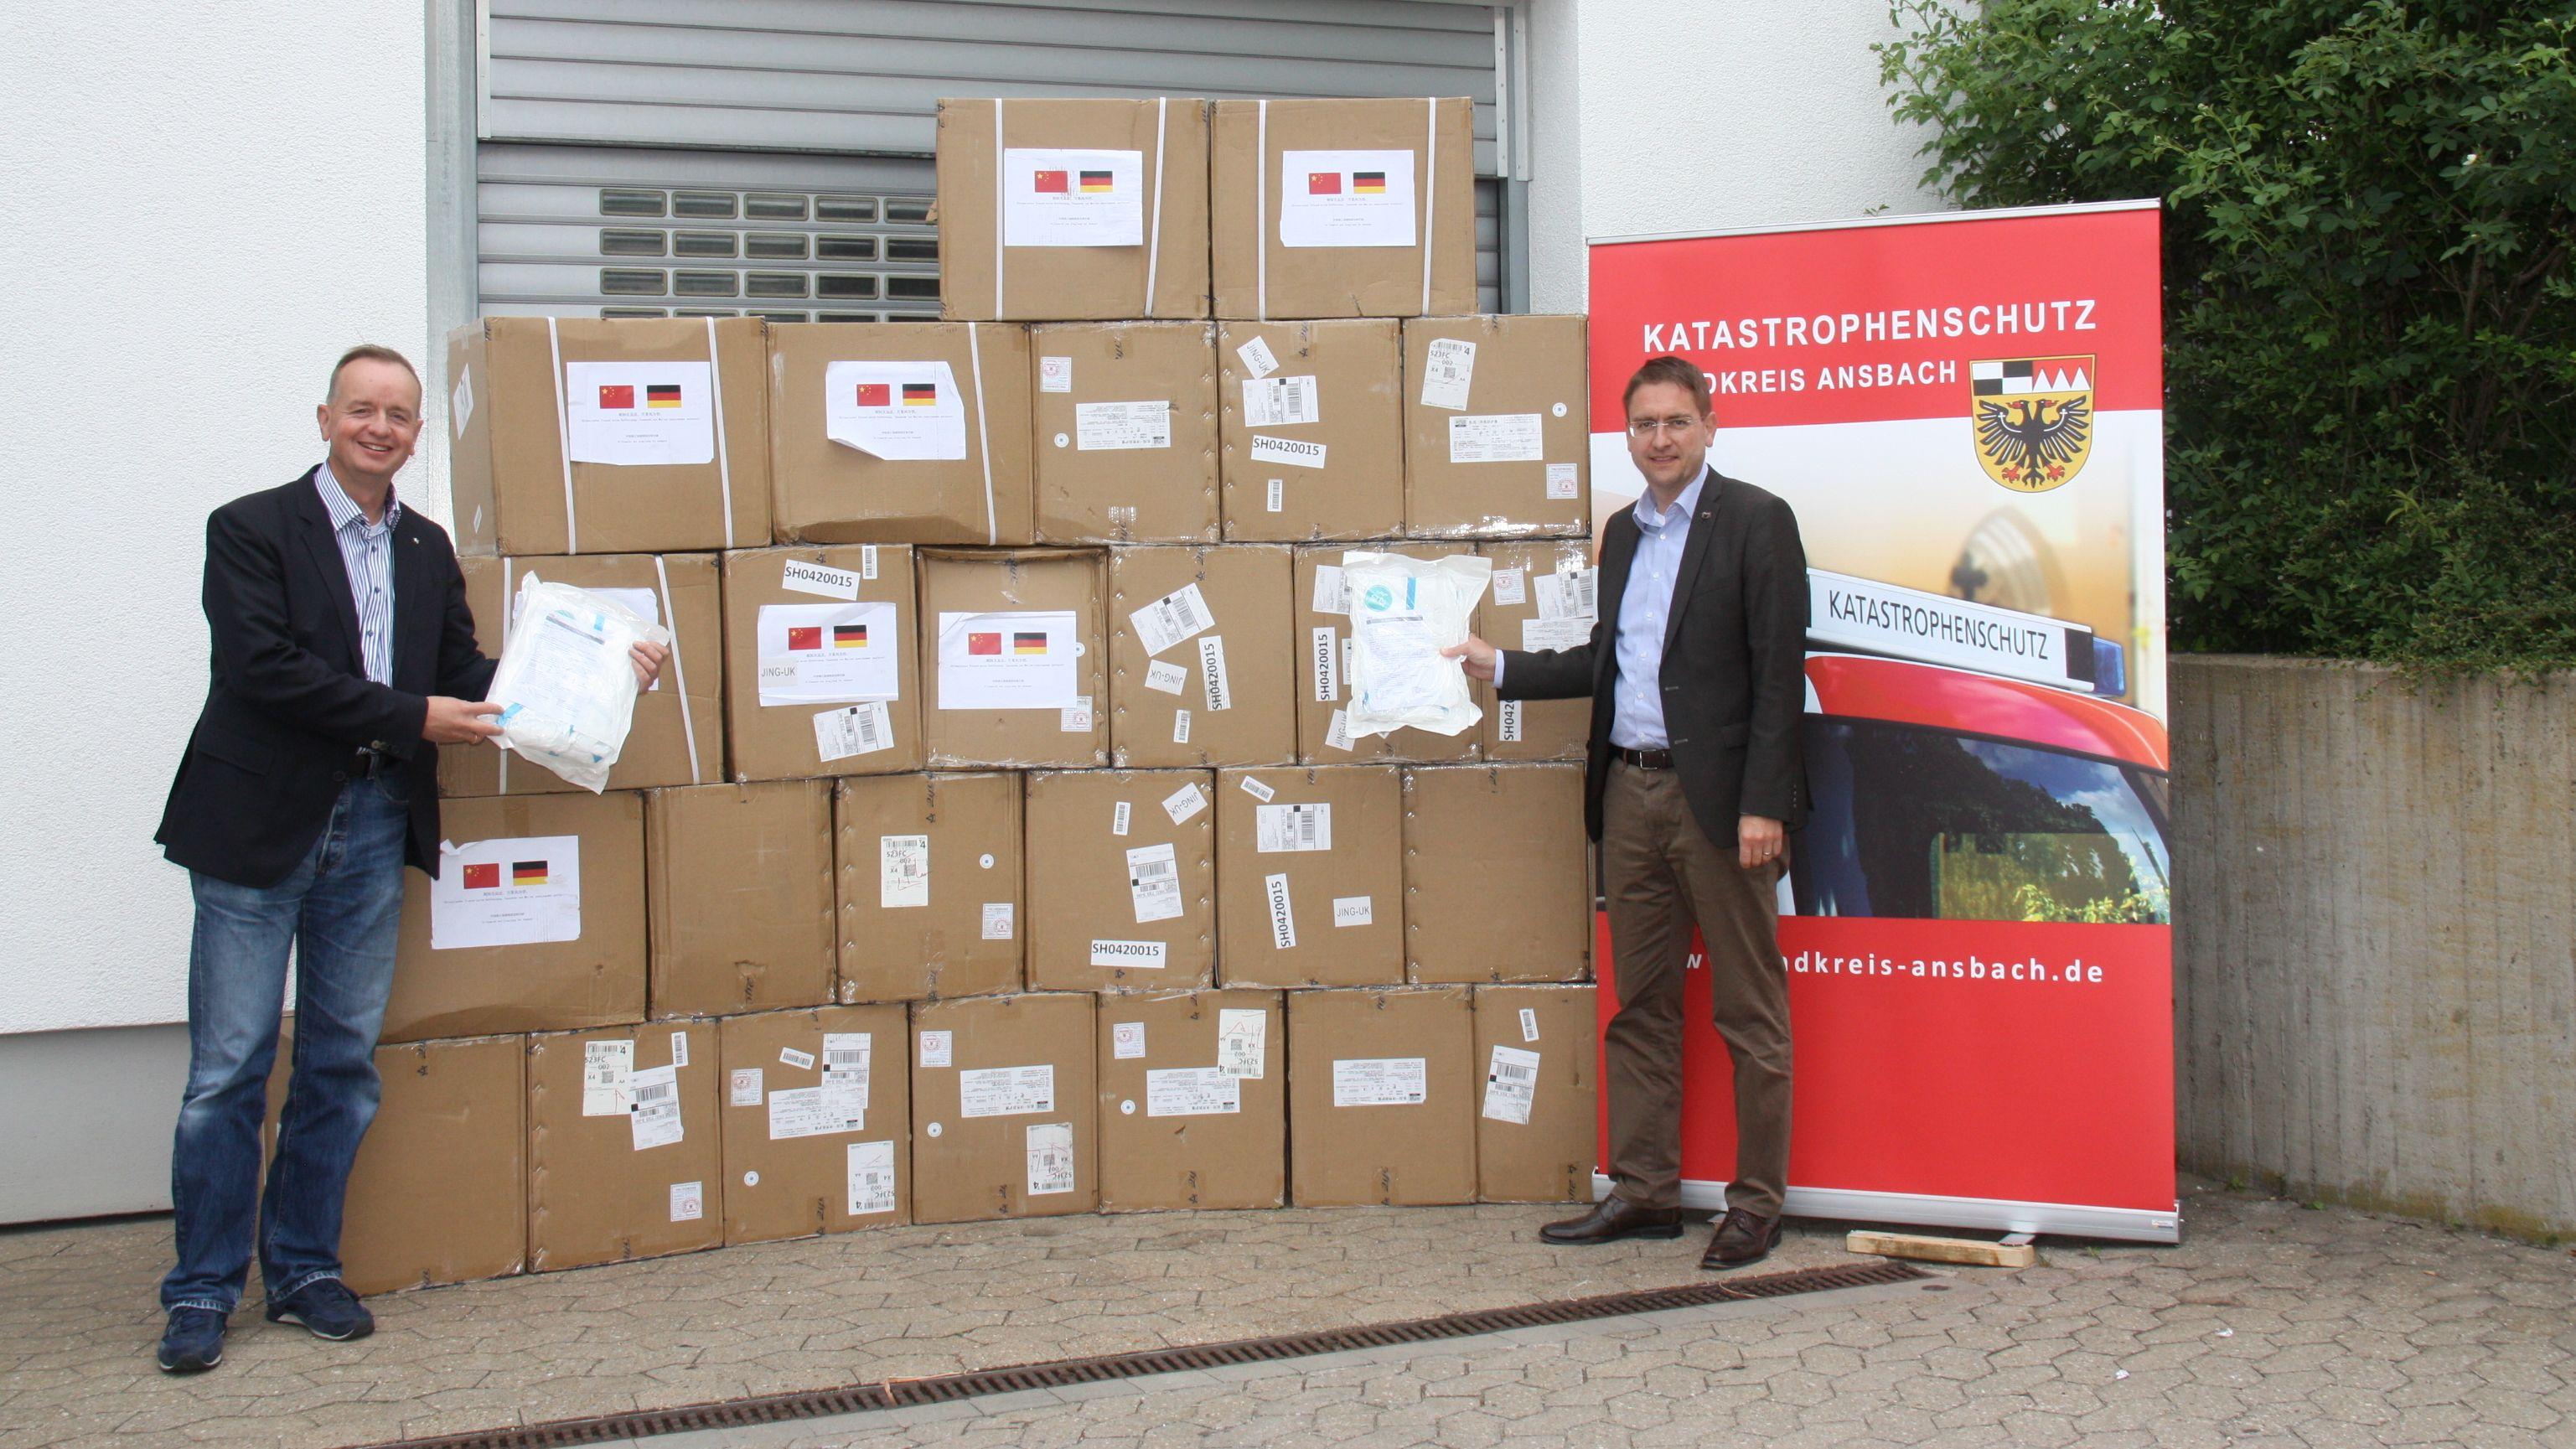 Oberbürgermeister der Stadt Ansbach, Thomas Deffner (CSU) und Landrat Jürgen Ludwig (CSU) posieren vor der Post aus China